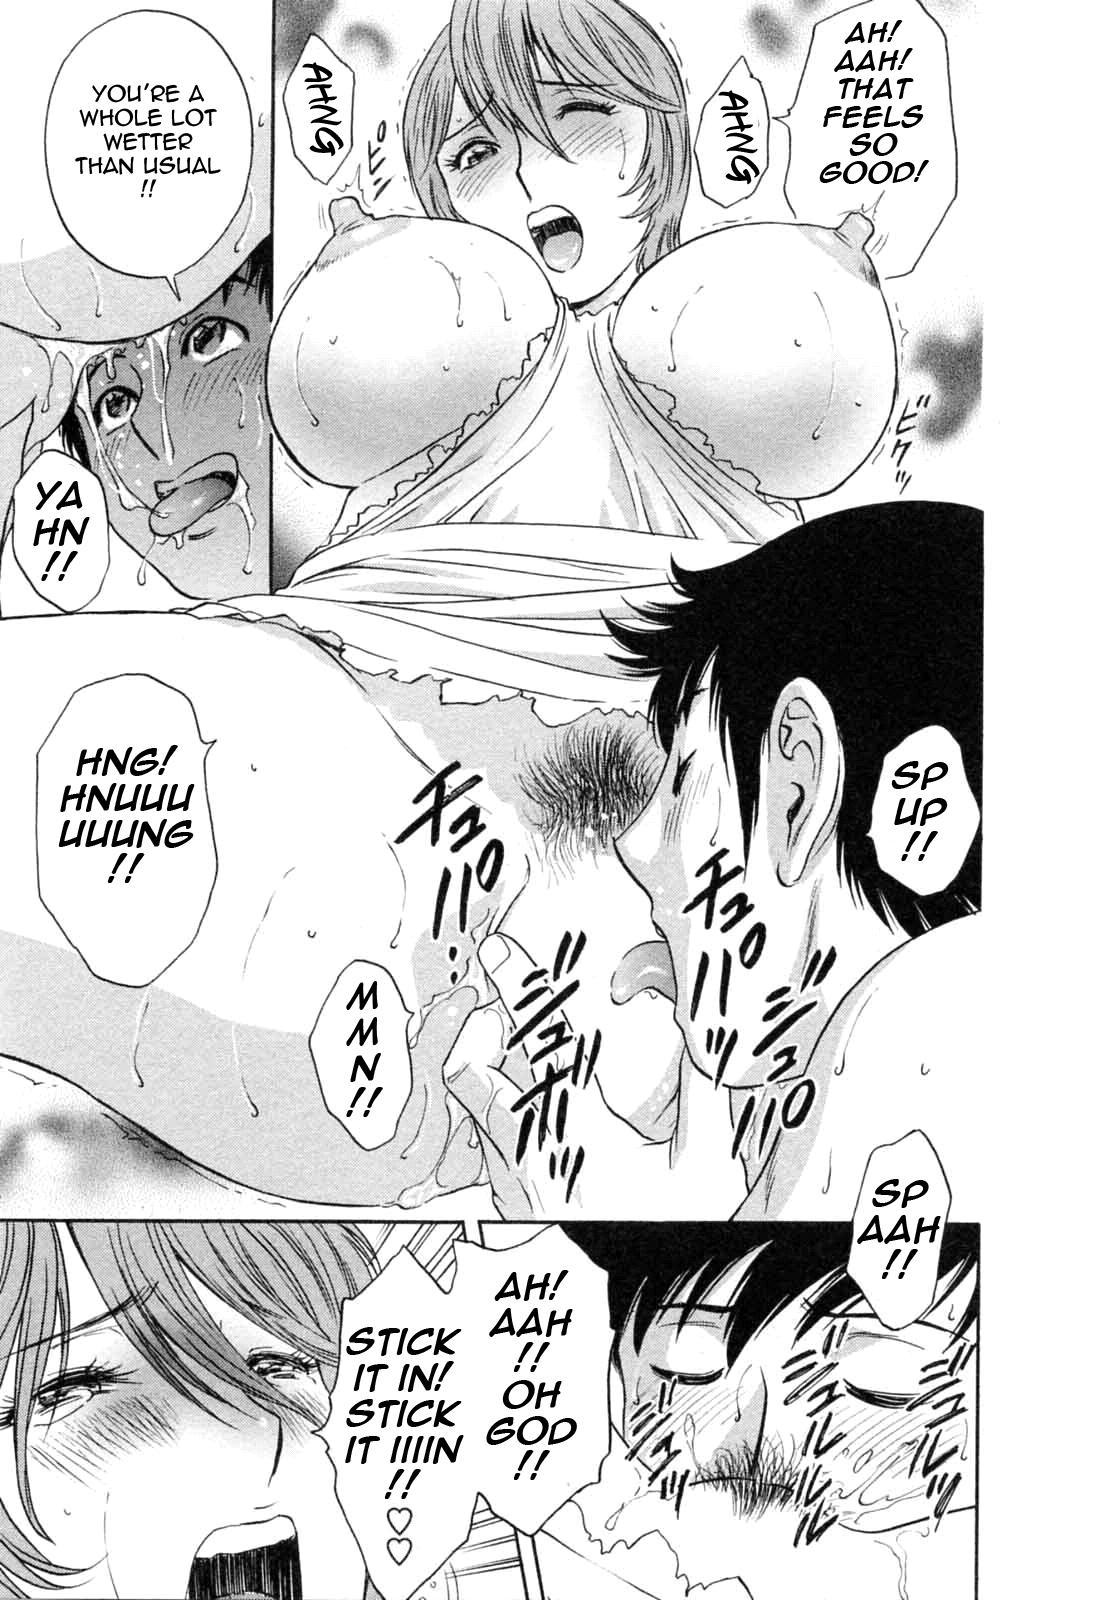 [Hidemaru] Mo-Retsu! Boin Sensei (Boing Boing Teacher) Vol.5 [English] [4dawgz] [Tadanohito] 41